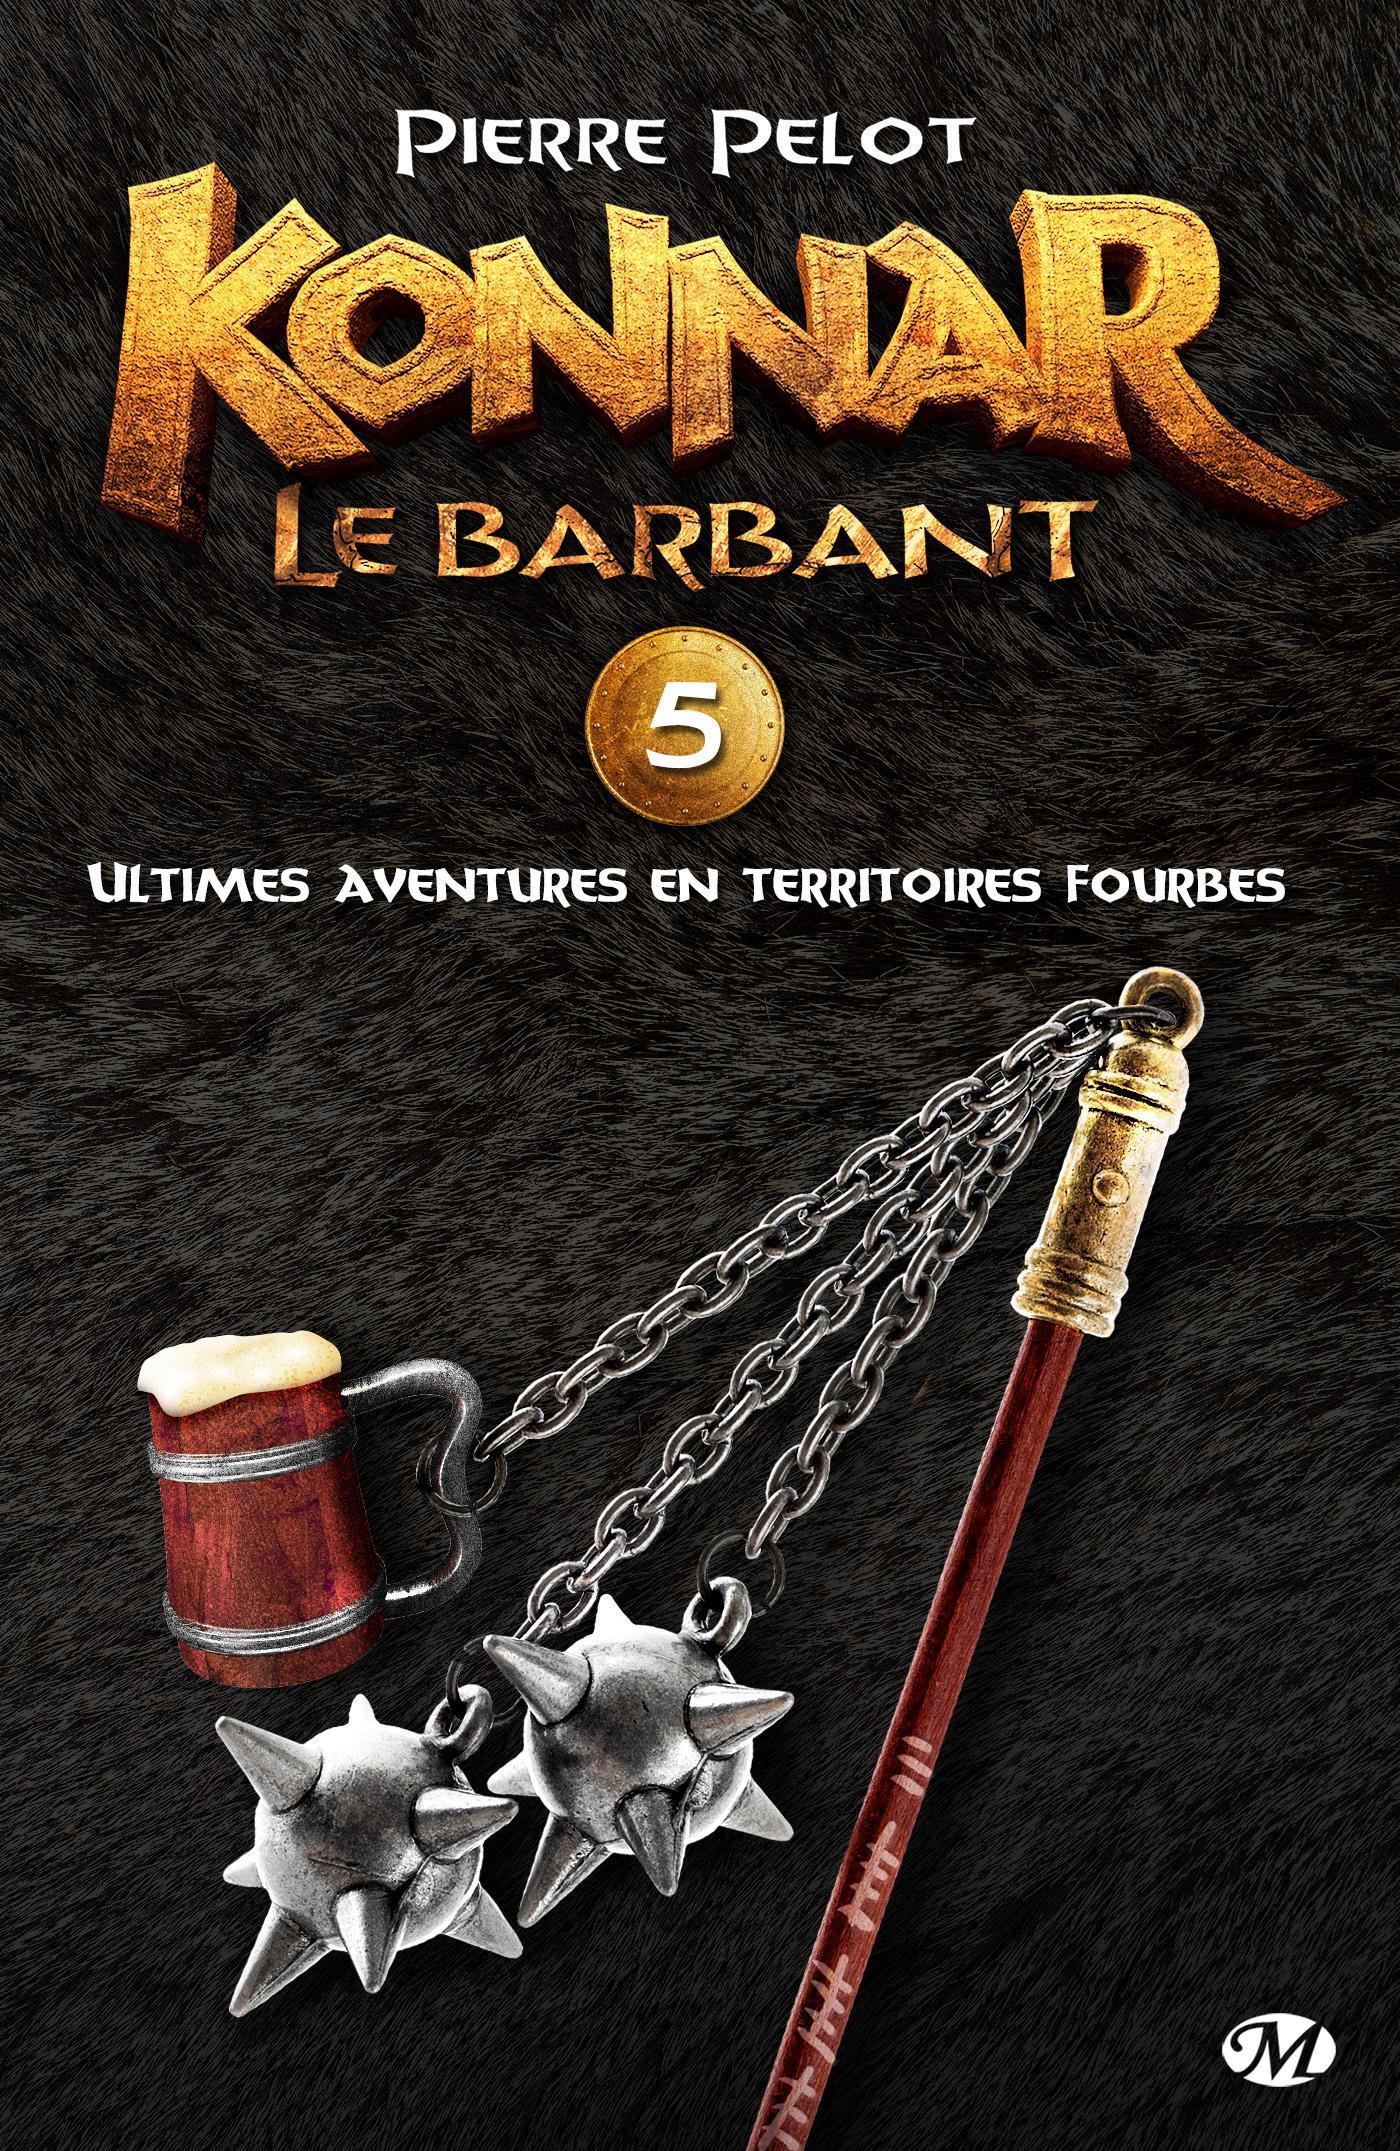 Ultimes aventures en territoires fourbes, KONNAR LE BARBANT, T5